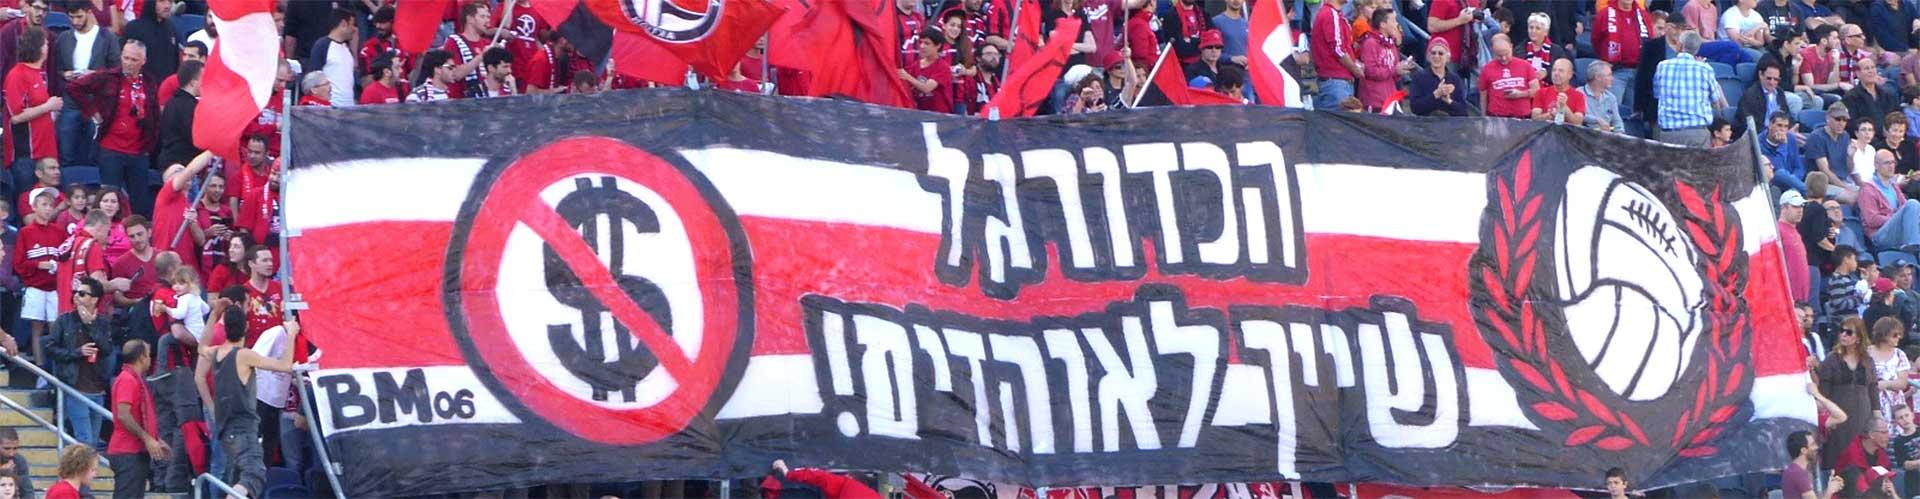 סיור כדורגל בירושלים - הפועל קטמון